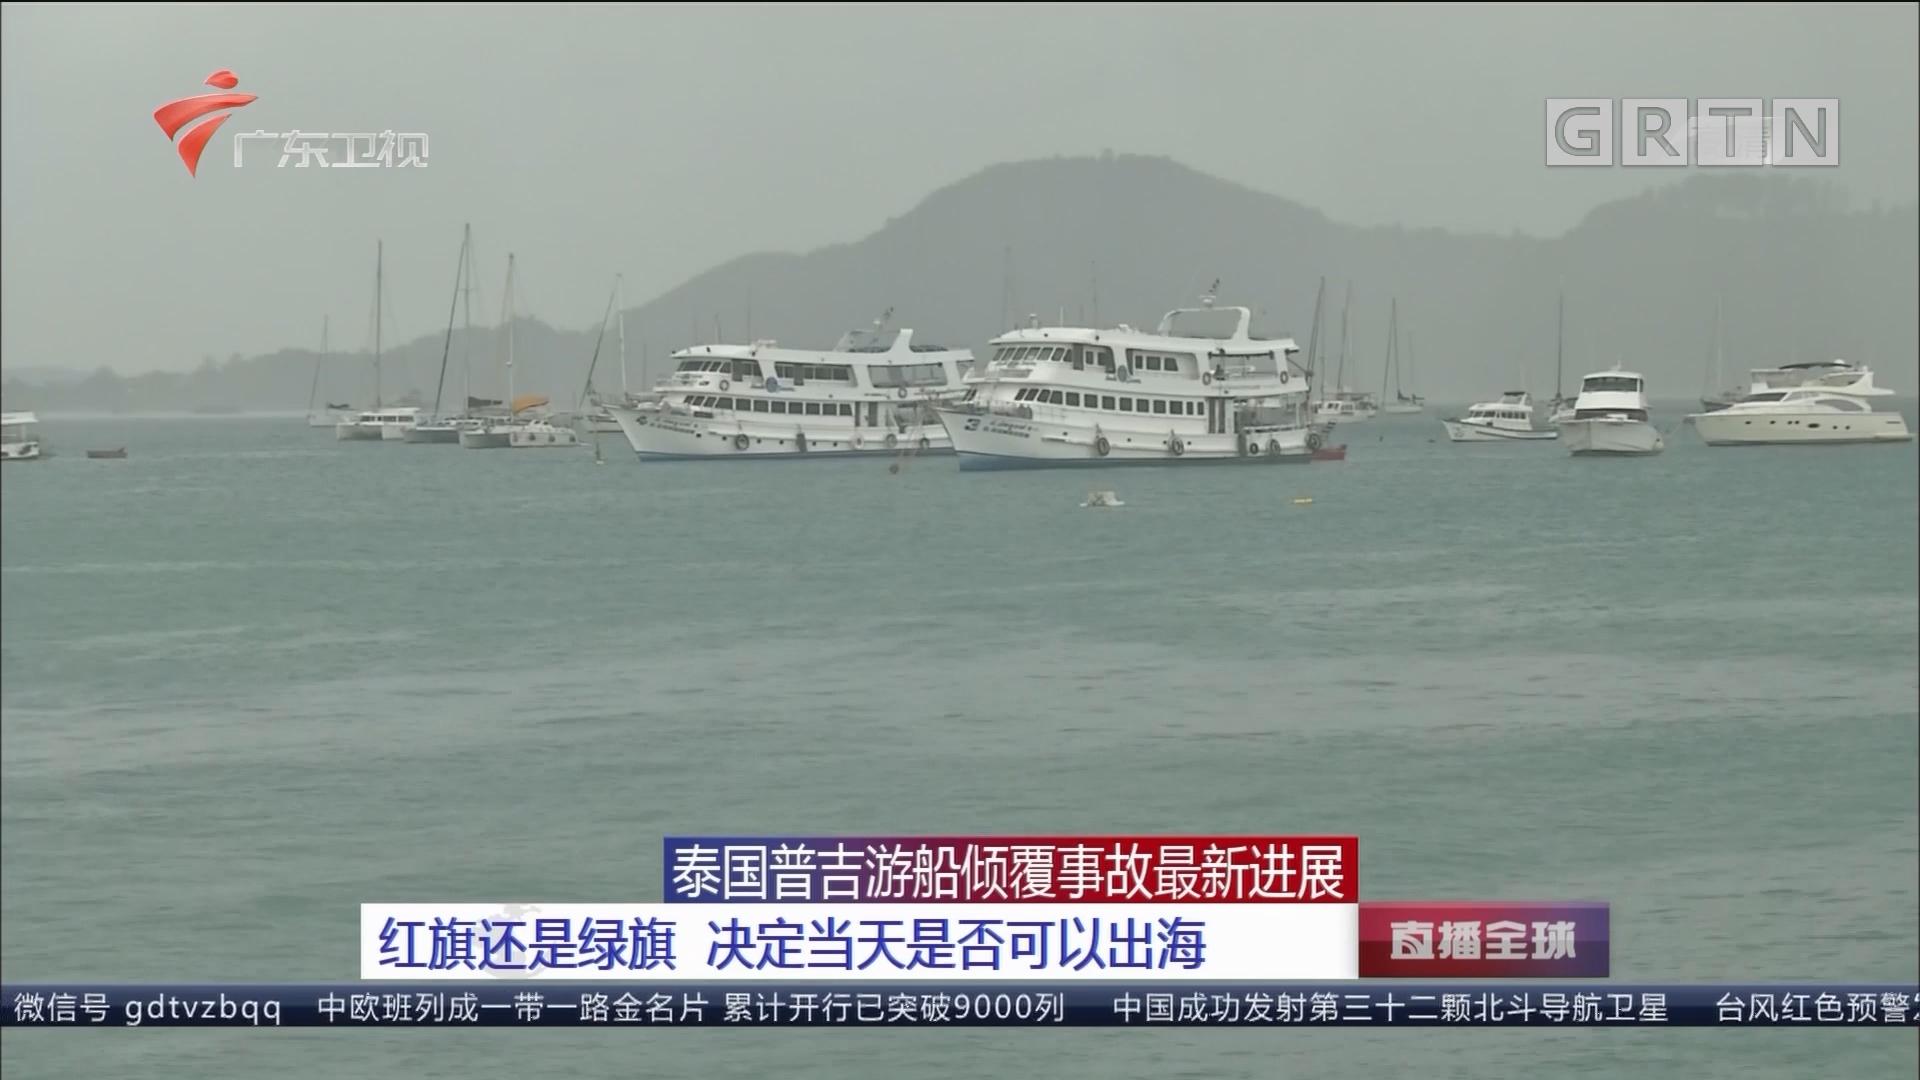 泰国普吉游船倾覆事故最新进展:失联游客下落不查明 搜救工作不会停止